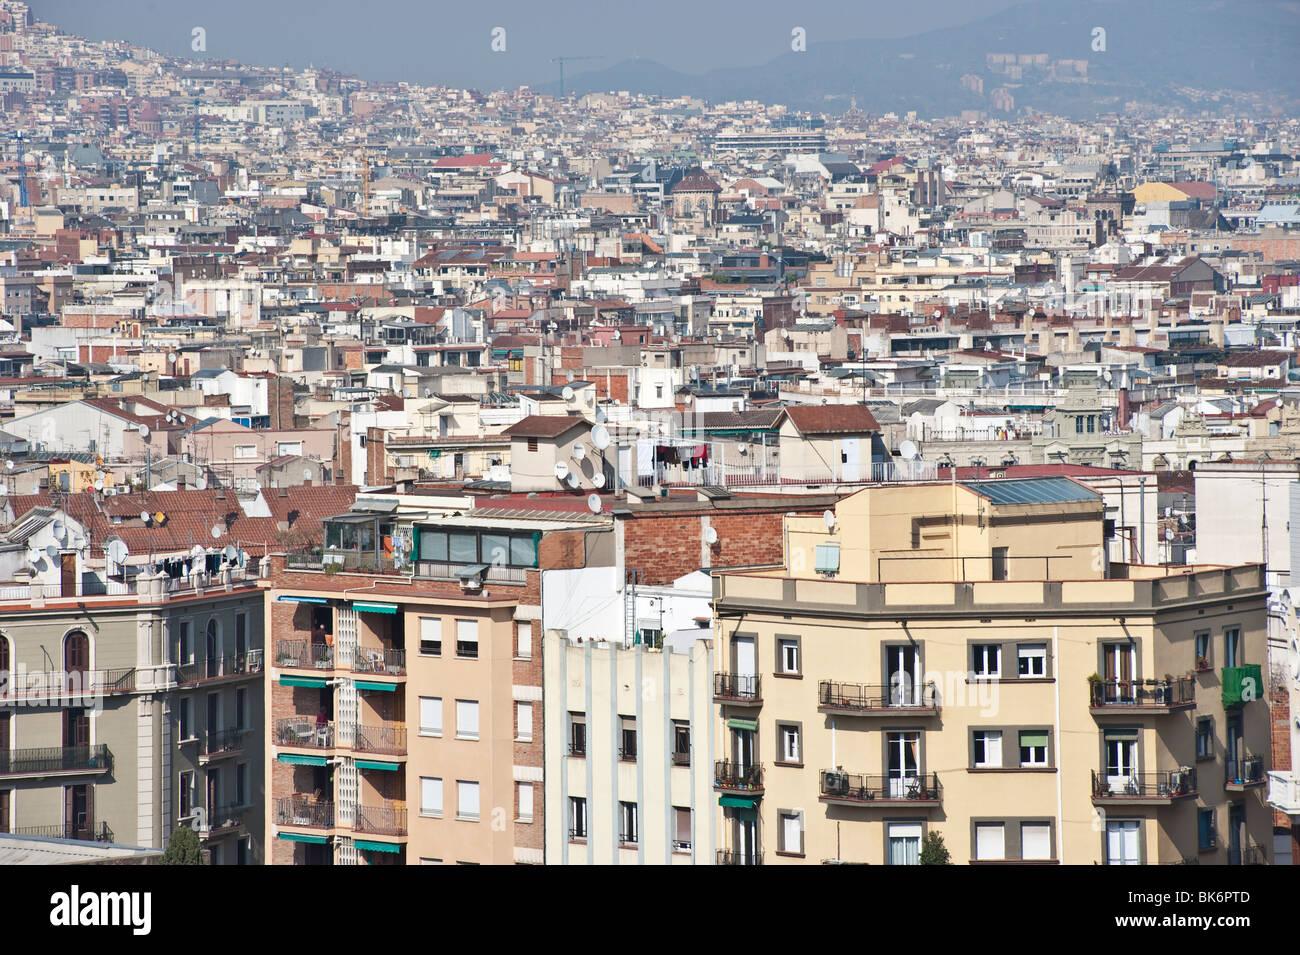 Vue générale de Montjuic de Barcelone, Espagne. Photo Stock